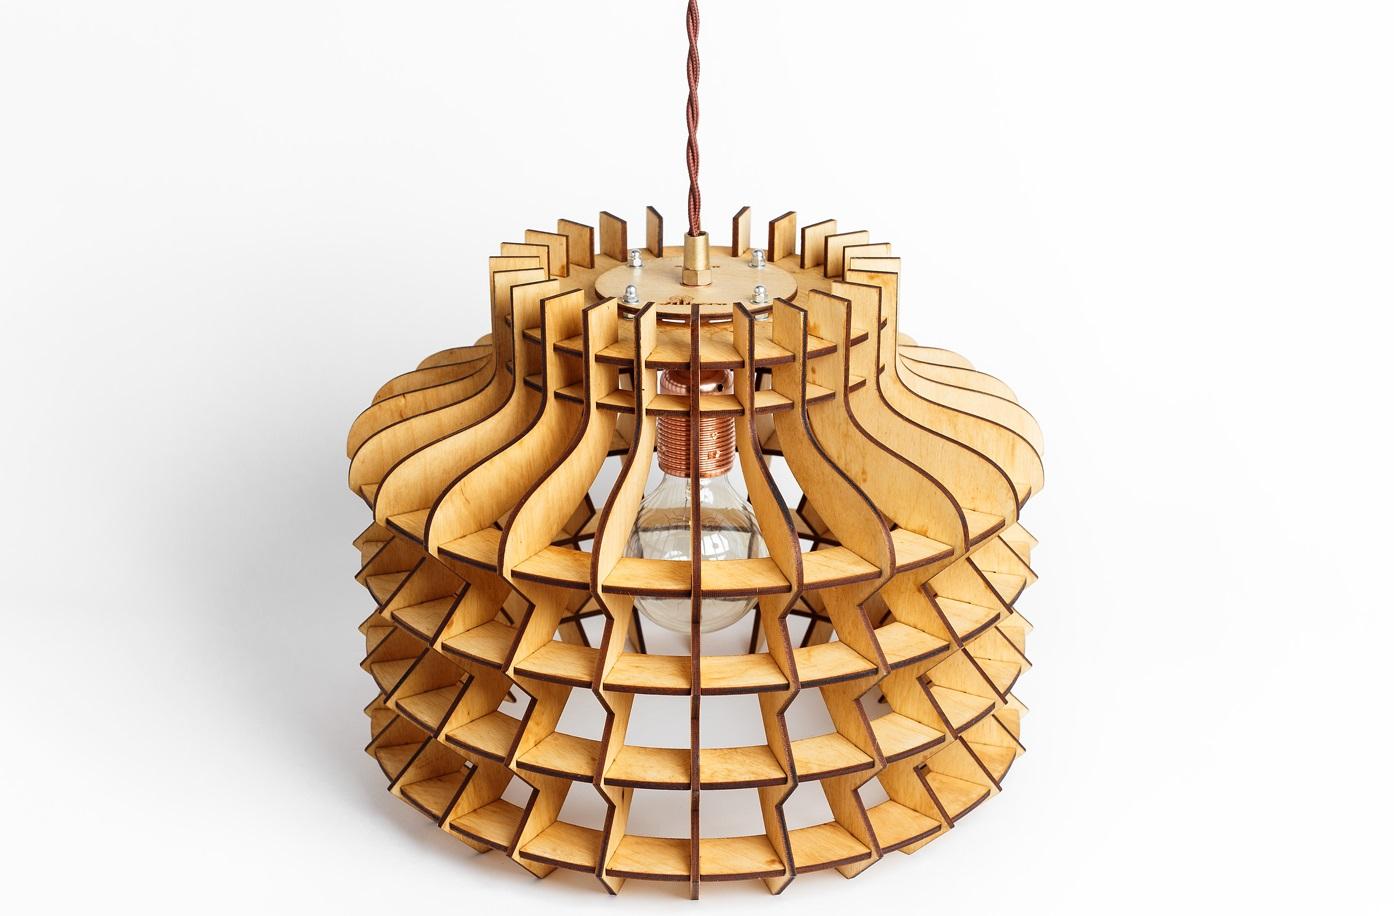 Деревянный светильник Китайский ФонарикПодвесные светильники<br>Деревянная люстра в стиле Лофт. Возможно изготовление в двух цветах - натуральный ( покрытый лаком ) и темный ( мореный )&amp;lt;div&amp;gt;&amp;lt;br&amp;gt;&amp;lt;/div&amp;gt;&amp;lt;div&amp;gt;&amp;lt;div&amp;gt;Вид цоколя: E27&amp;lt;/div&amp;gt;&amp;lt;div&amp;gt;Мощность: 60W&amp;lt;/div&amp;gt;&amp;lt;div&amp;gt;Количество ламп: 1 (нет в комплекте)&amp;lt;/div&amp;gt;&amp;lt;/div&amp;gt;<br><br>Material: Дерево<br>Length см: None<br>Width см: None<br>Height см: 30<br>Diameter см: 35